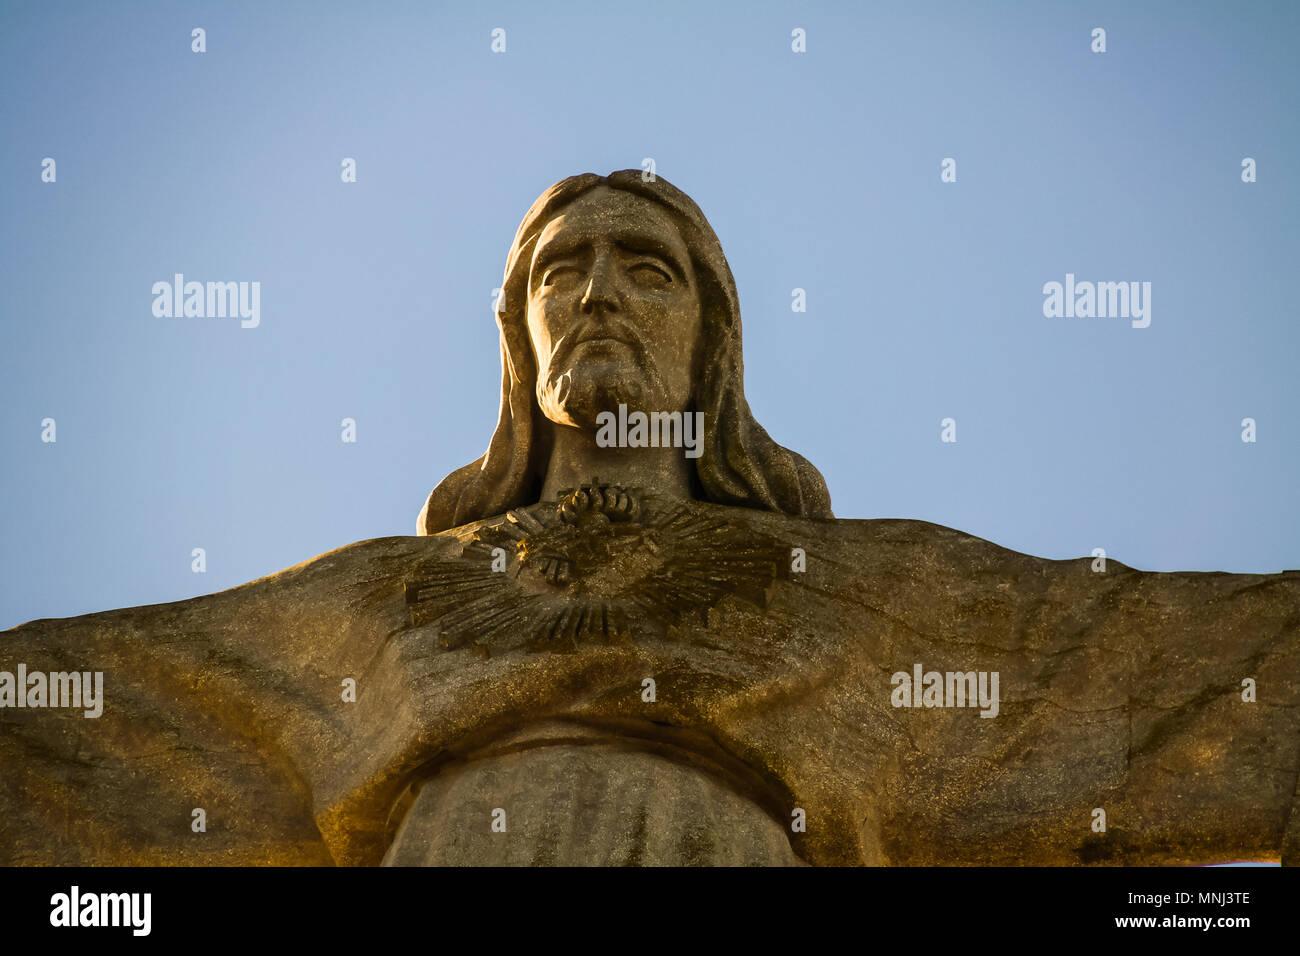 Die nationalen Heiligtum von Christus, dem König, Statue in Lissabon, Portugal. Stockbild